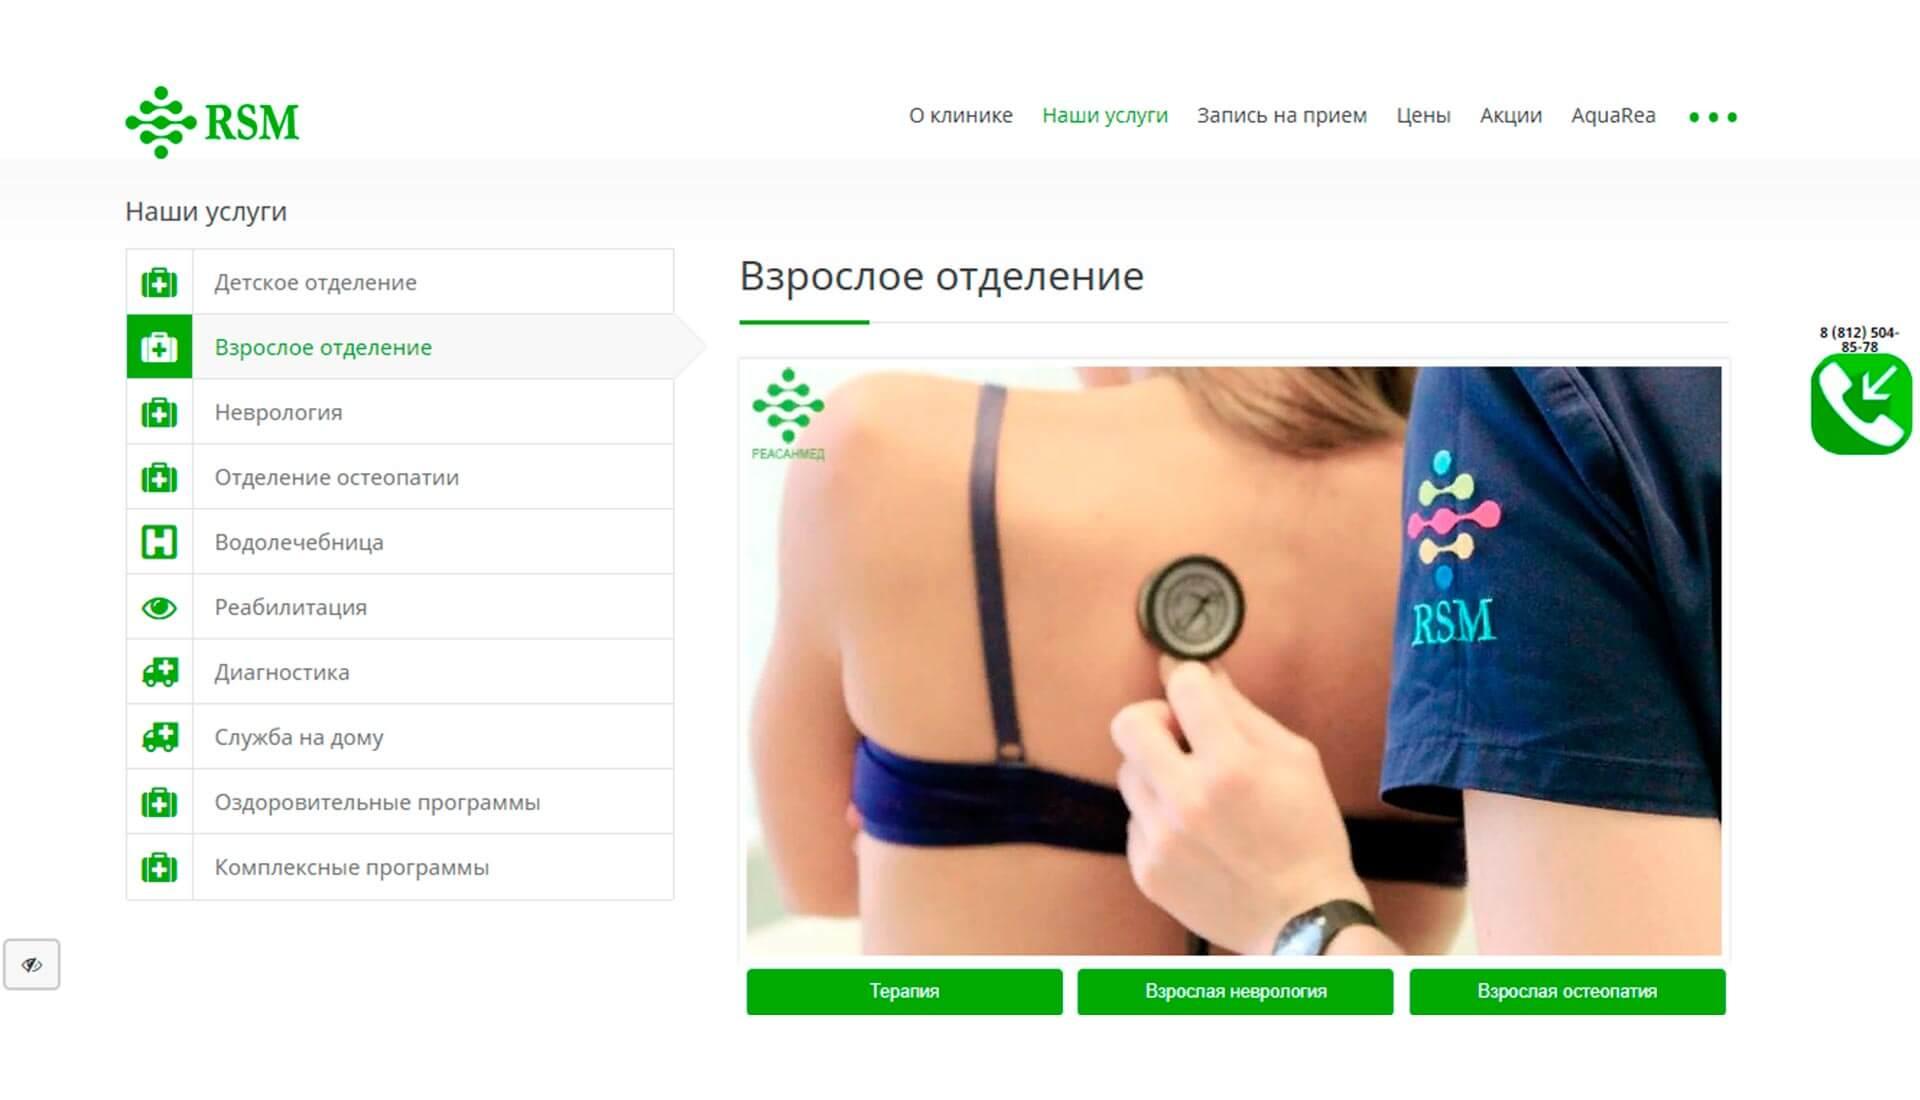 медицинский центр скриншот сайта